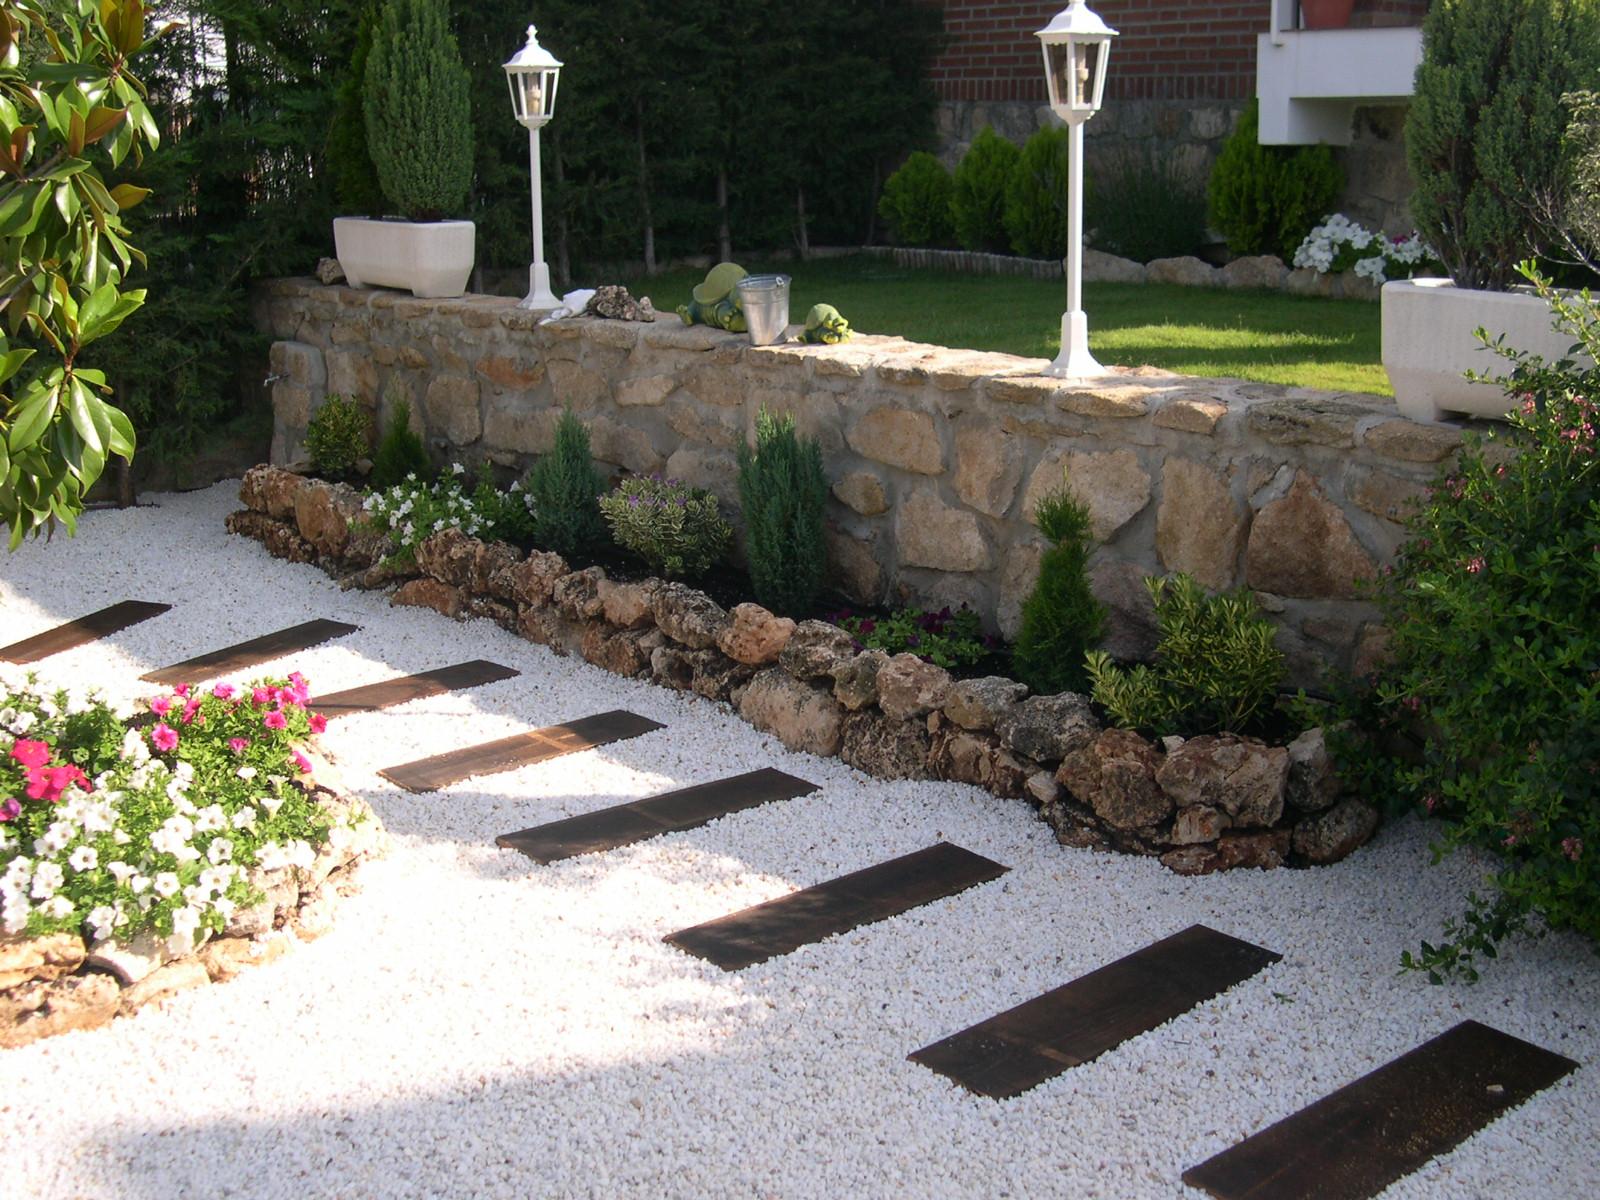 Jardines de dise o fotos for Imagenes de disenos de jardines